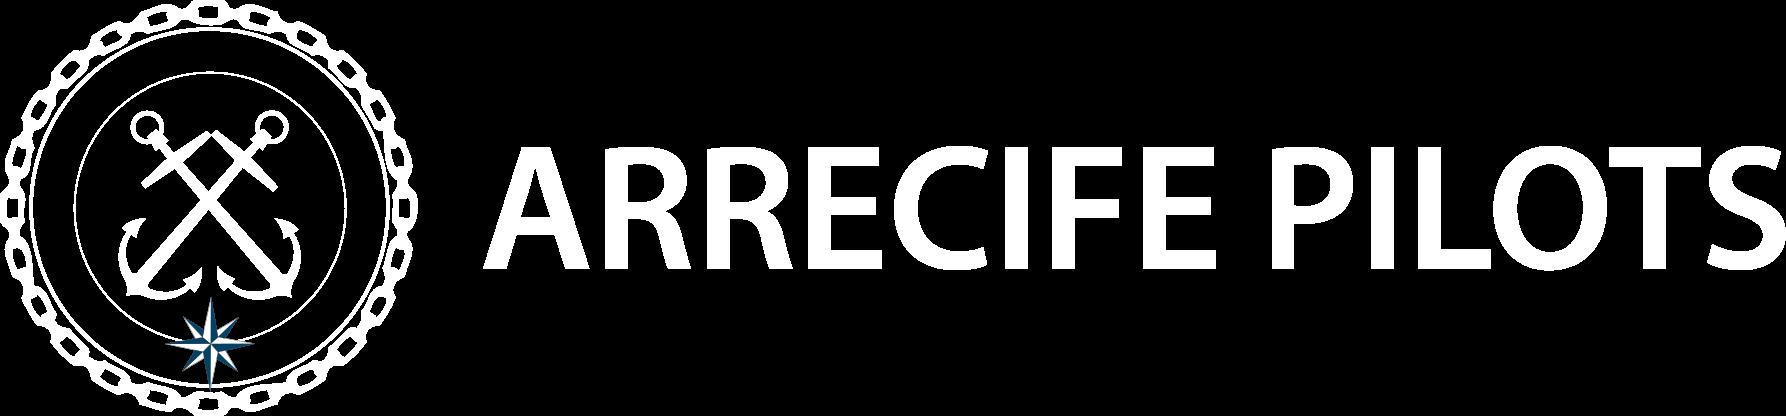 Arrecifepilots